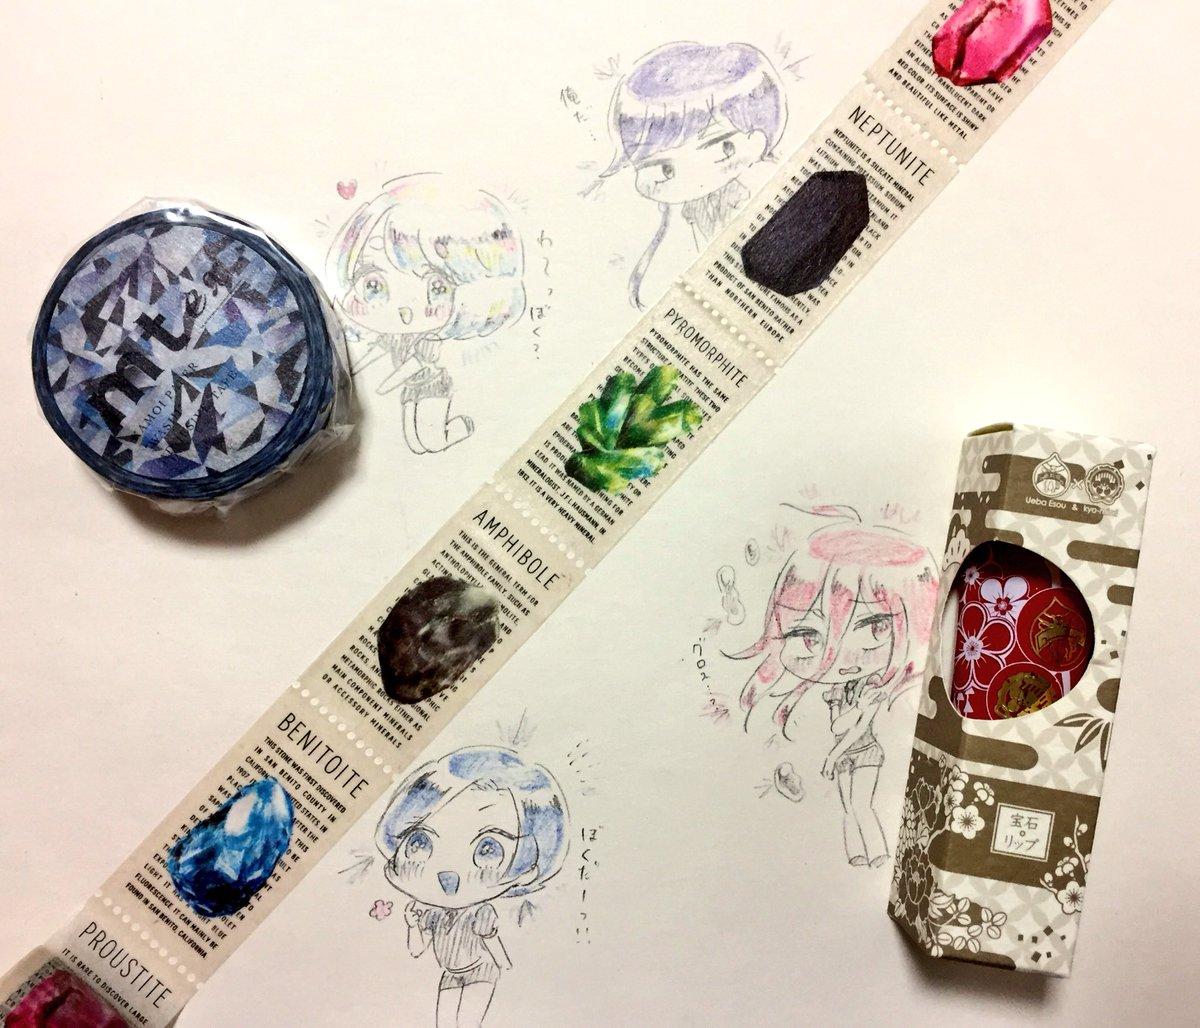 今日の戦利品② ダイヤモンドマステ、ベニネプが載ってる鉱石マステ、宝石リップの辰砂☺️ かわいい…にしても絵うっすい!